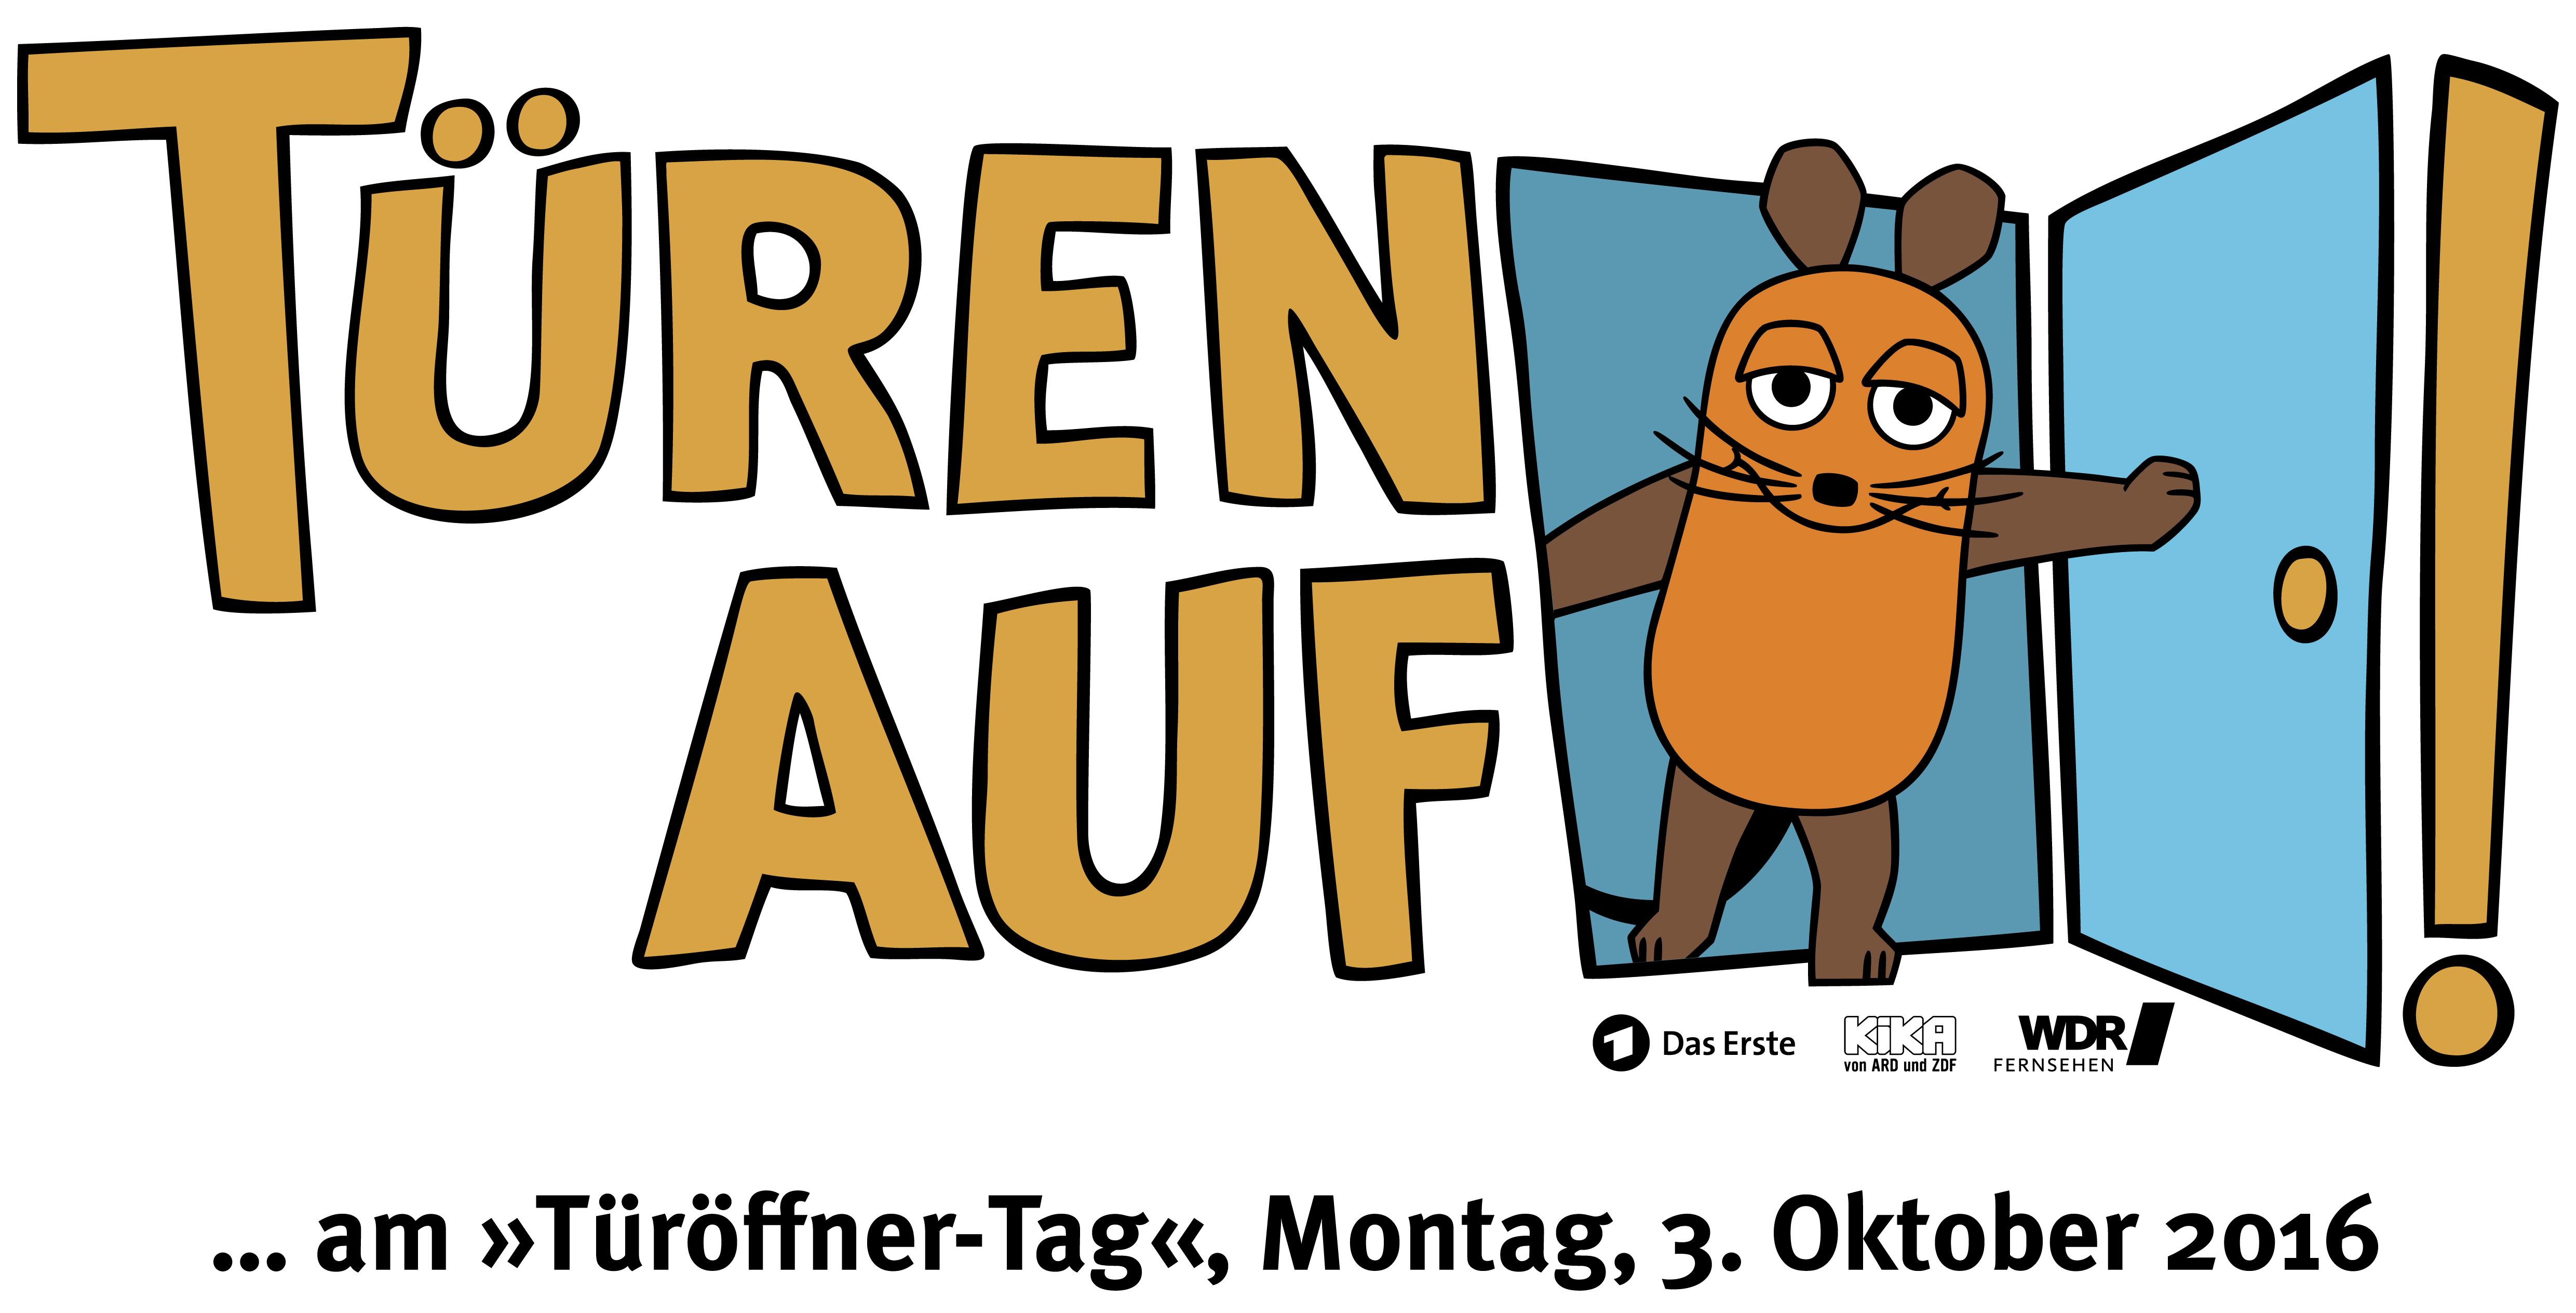 wdr_tueren_auf_motiv_a4_sendetermin-kopie